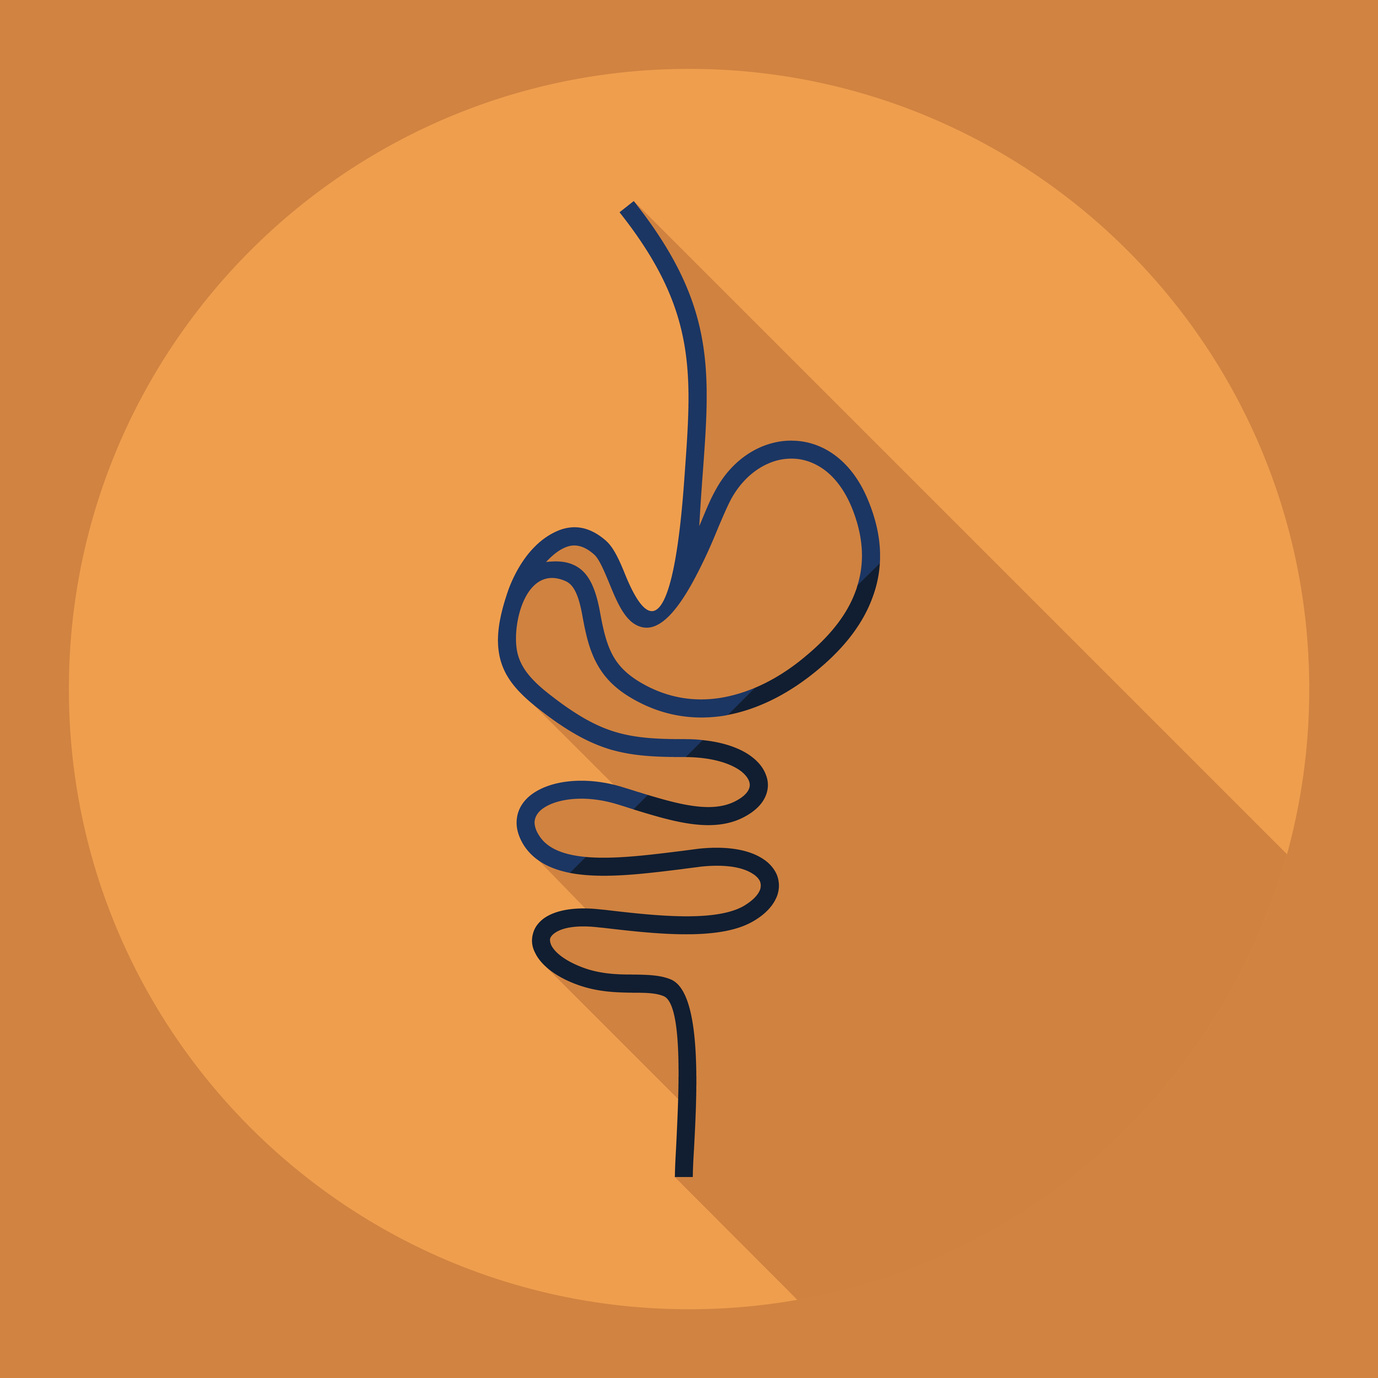 胃がんの腹腔鏡手術は手術経験46件以上で治療成績が安定する!?